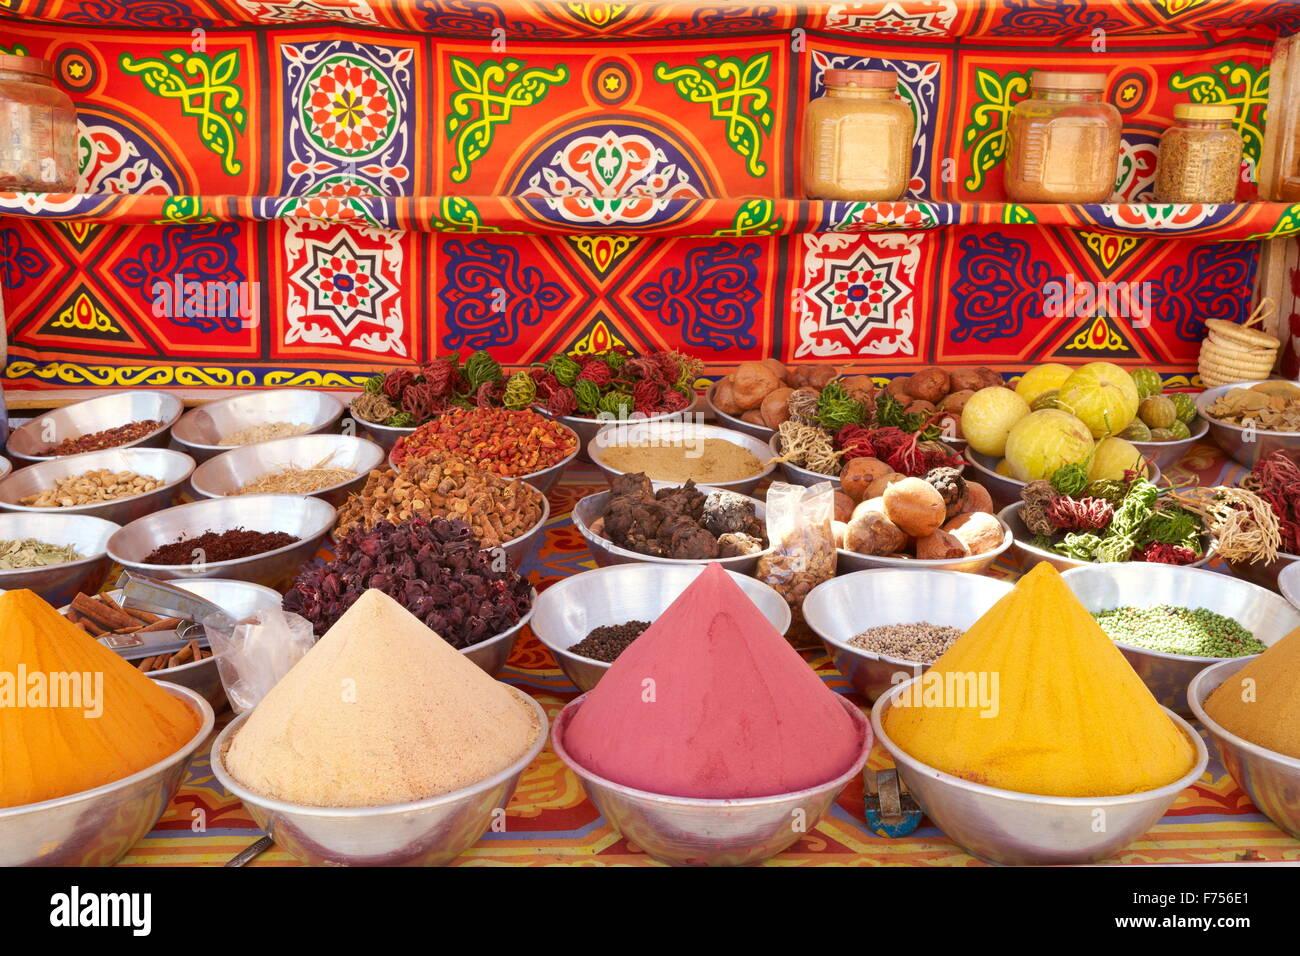 Negozio di spezie, Nubian Village vicino a Aswan, Egitto Immagini Stock